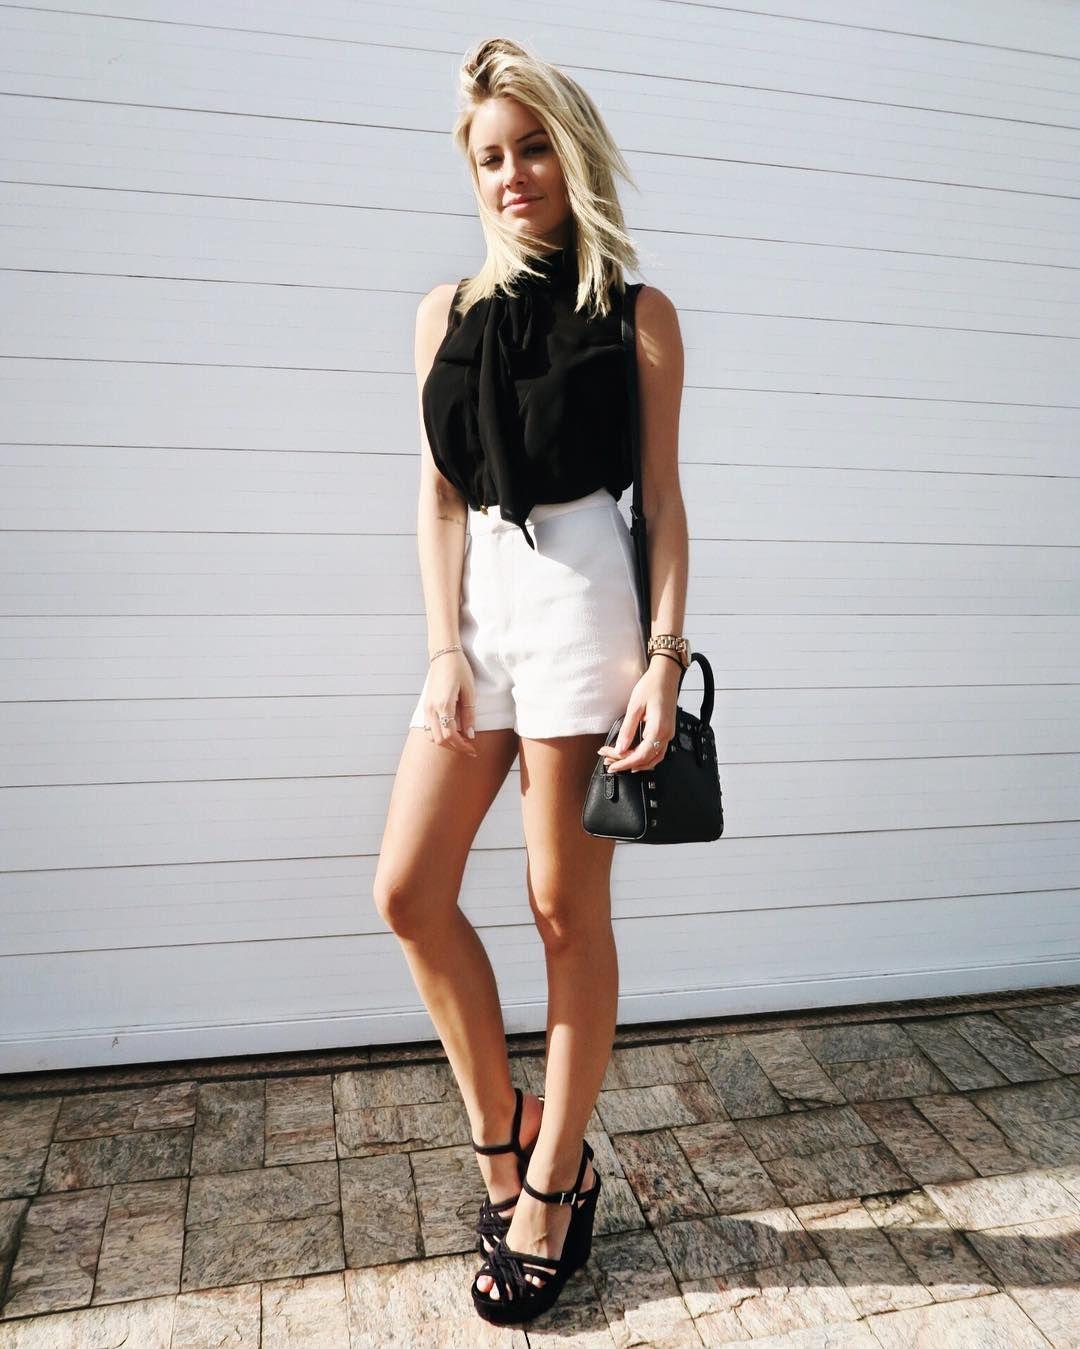 E ja que vcs me falaram que gostam que eu poste meu look do dia, esse foi o de hoje  Preto e branco, será que eu amo? Hahaaha ah! E esse detalhe no pescoço, é um laço da blusa, to adorando nesse estilo #ootd